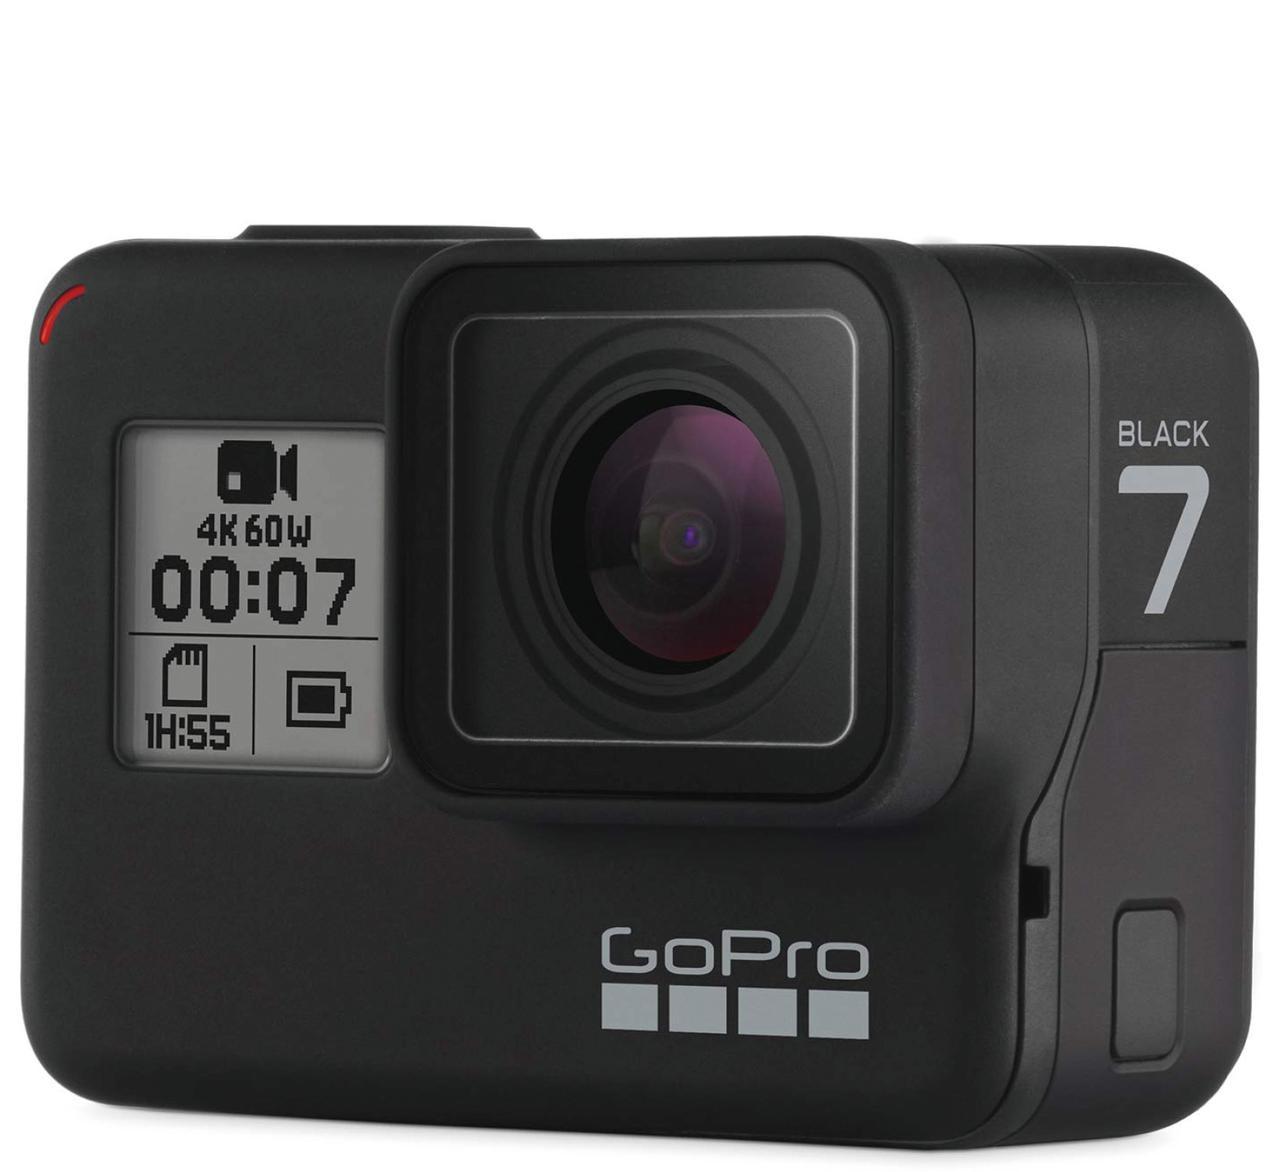 画像: 最新製品でフラッグシップ機のHERO7 Blackは、4K/60pの動画撮影とスムーズな手ブレ補正が特徴。